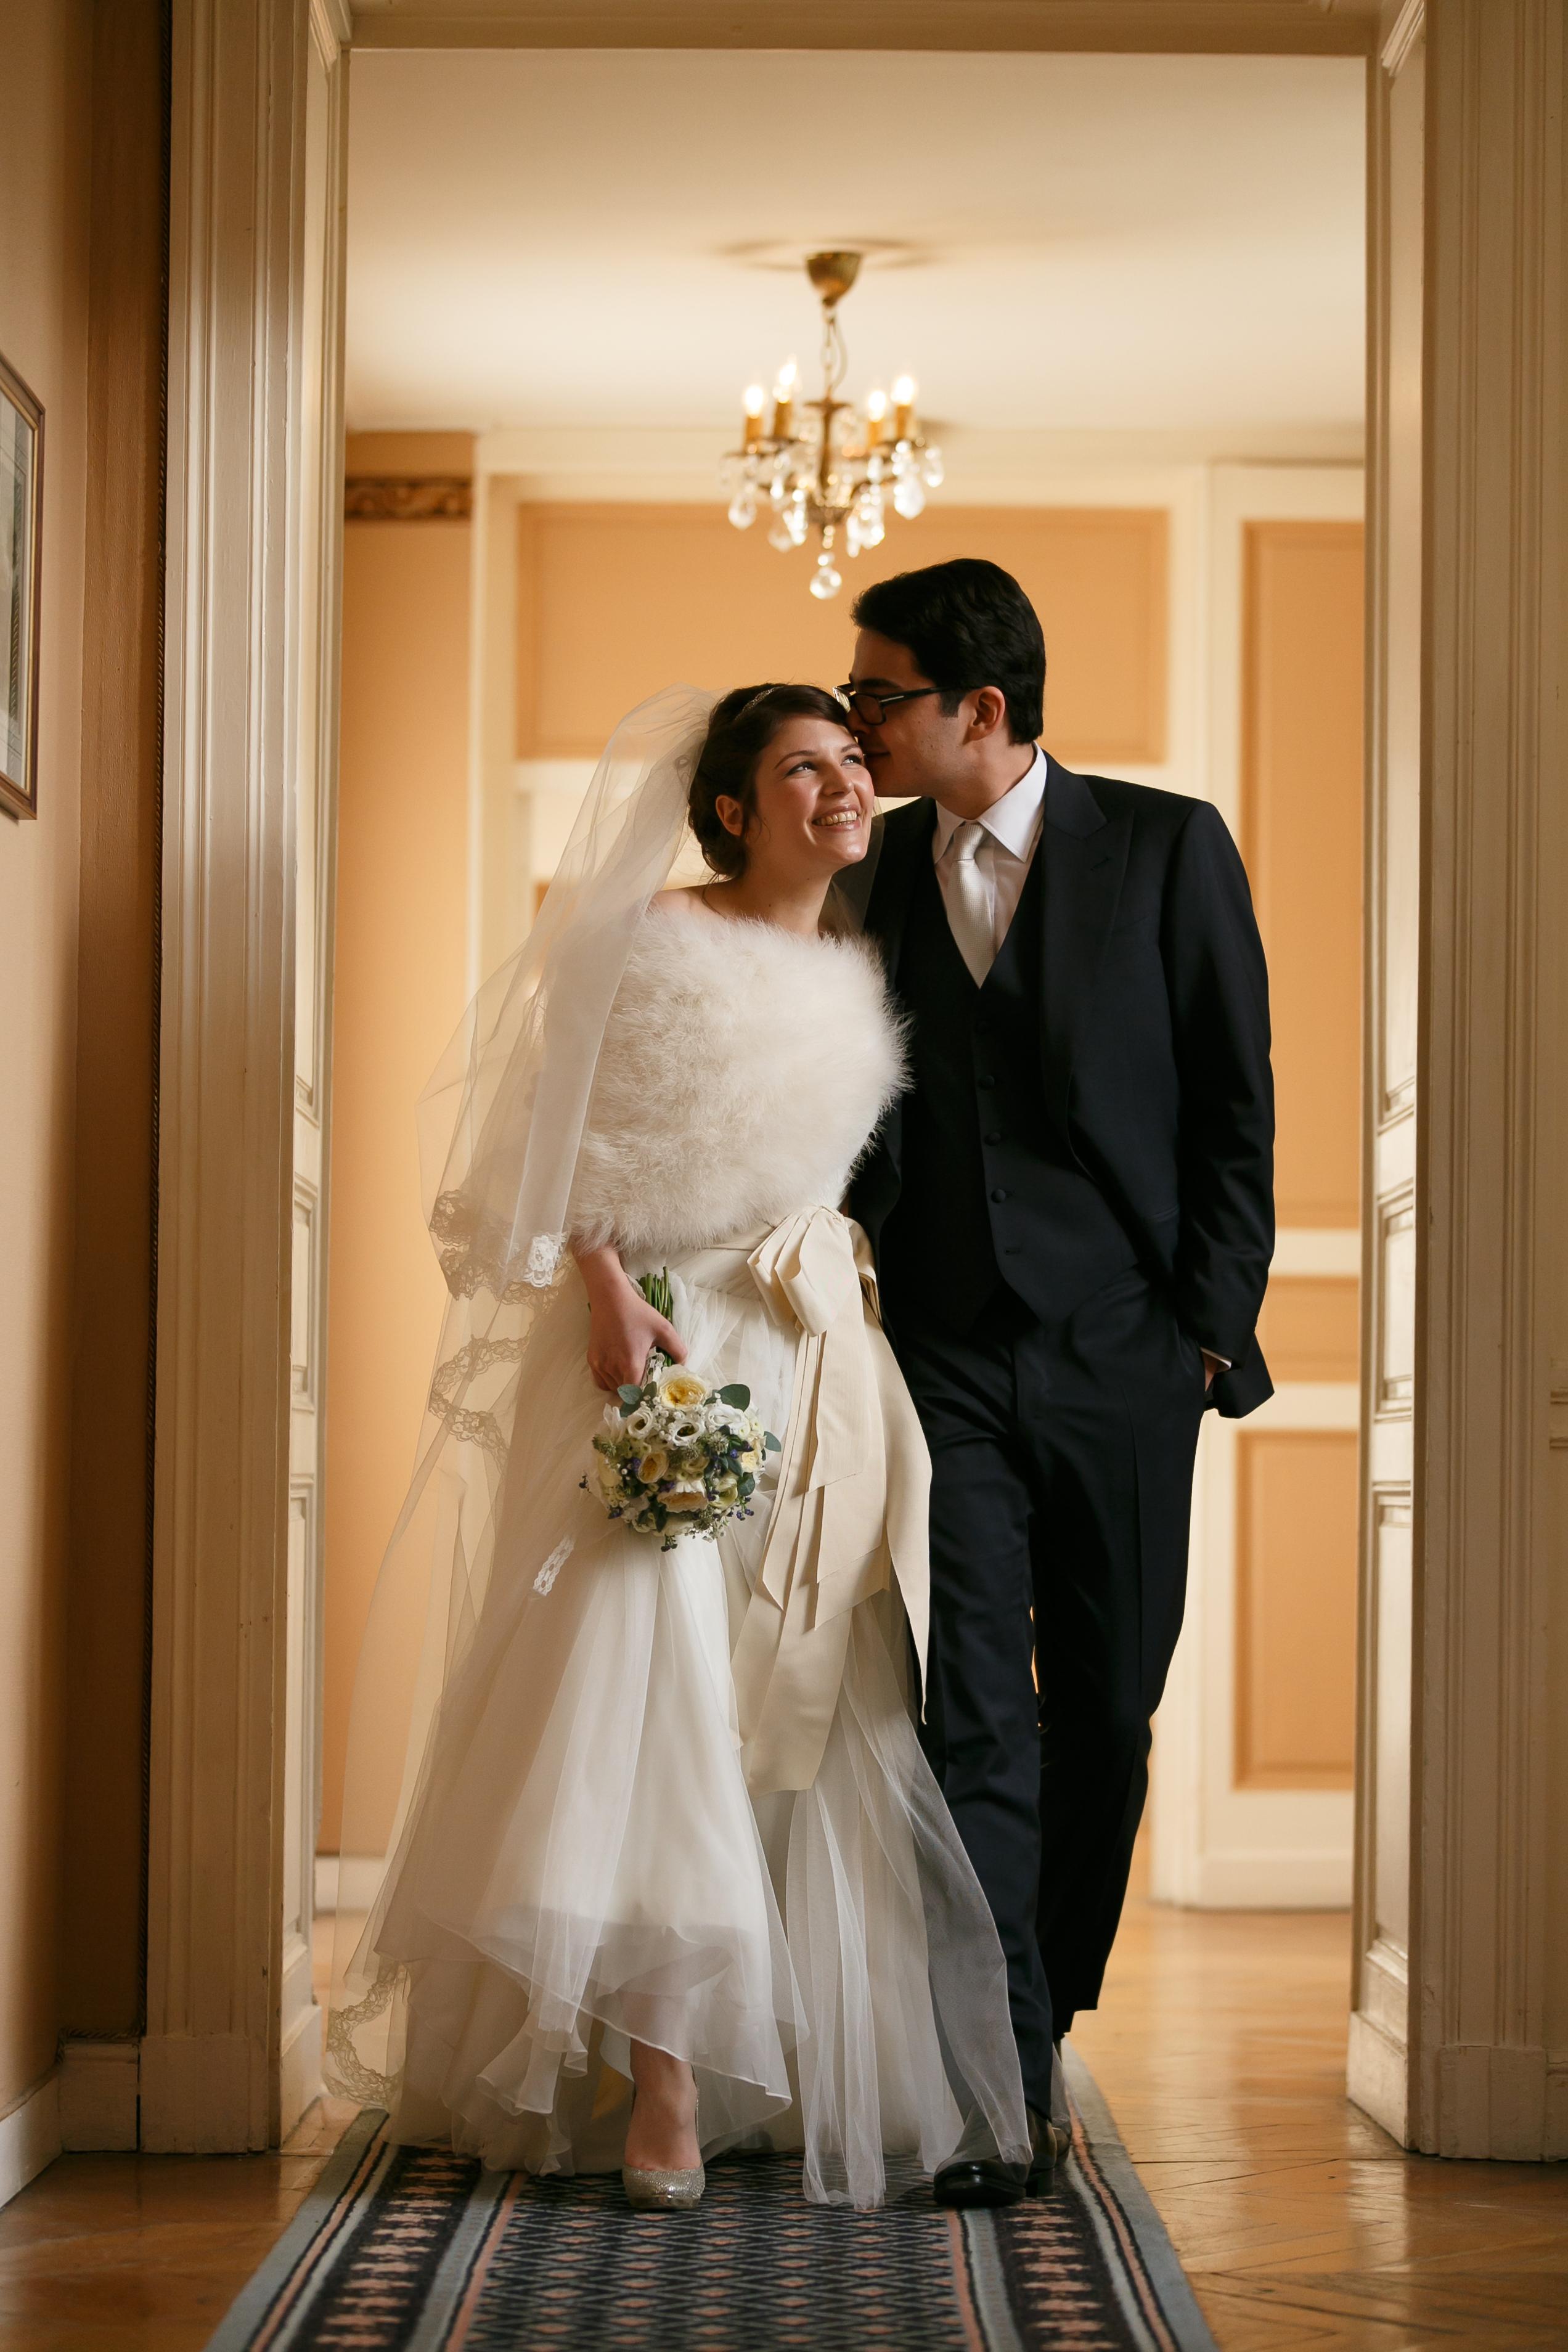 Mon mariage d'hiver à gros budget – nos photos de couple et les avantages d'avoir un photographe pro